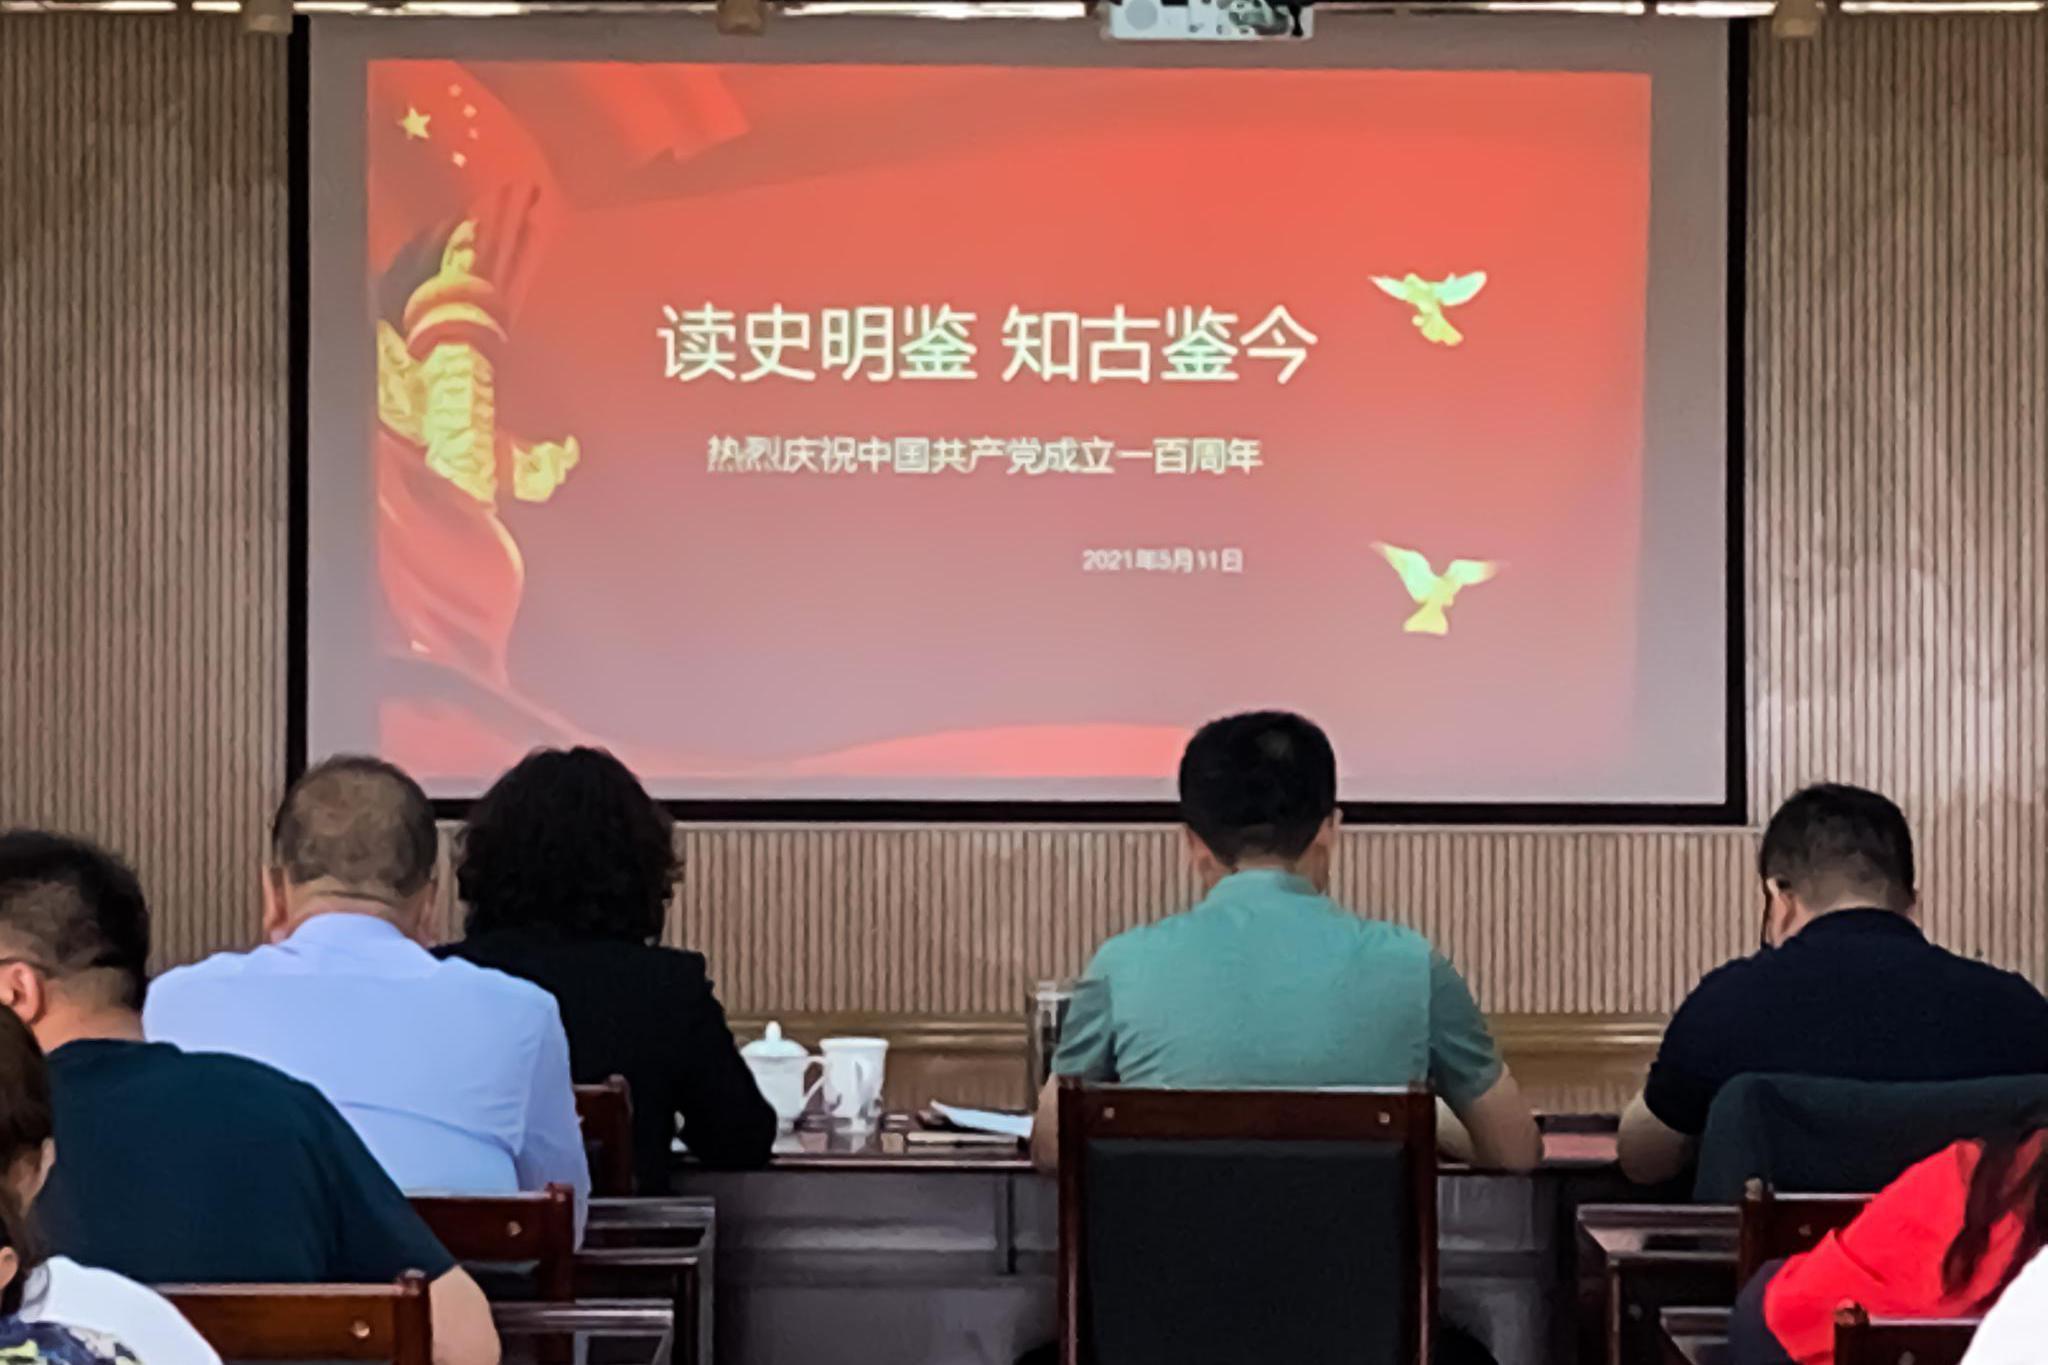 银川阅海湾中央商务区党工委成功举办党史学习教育演讲比赛